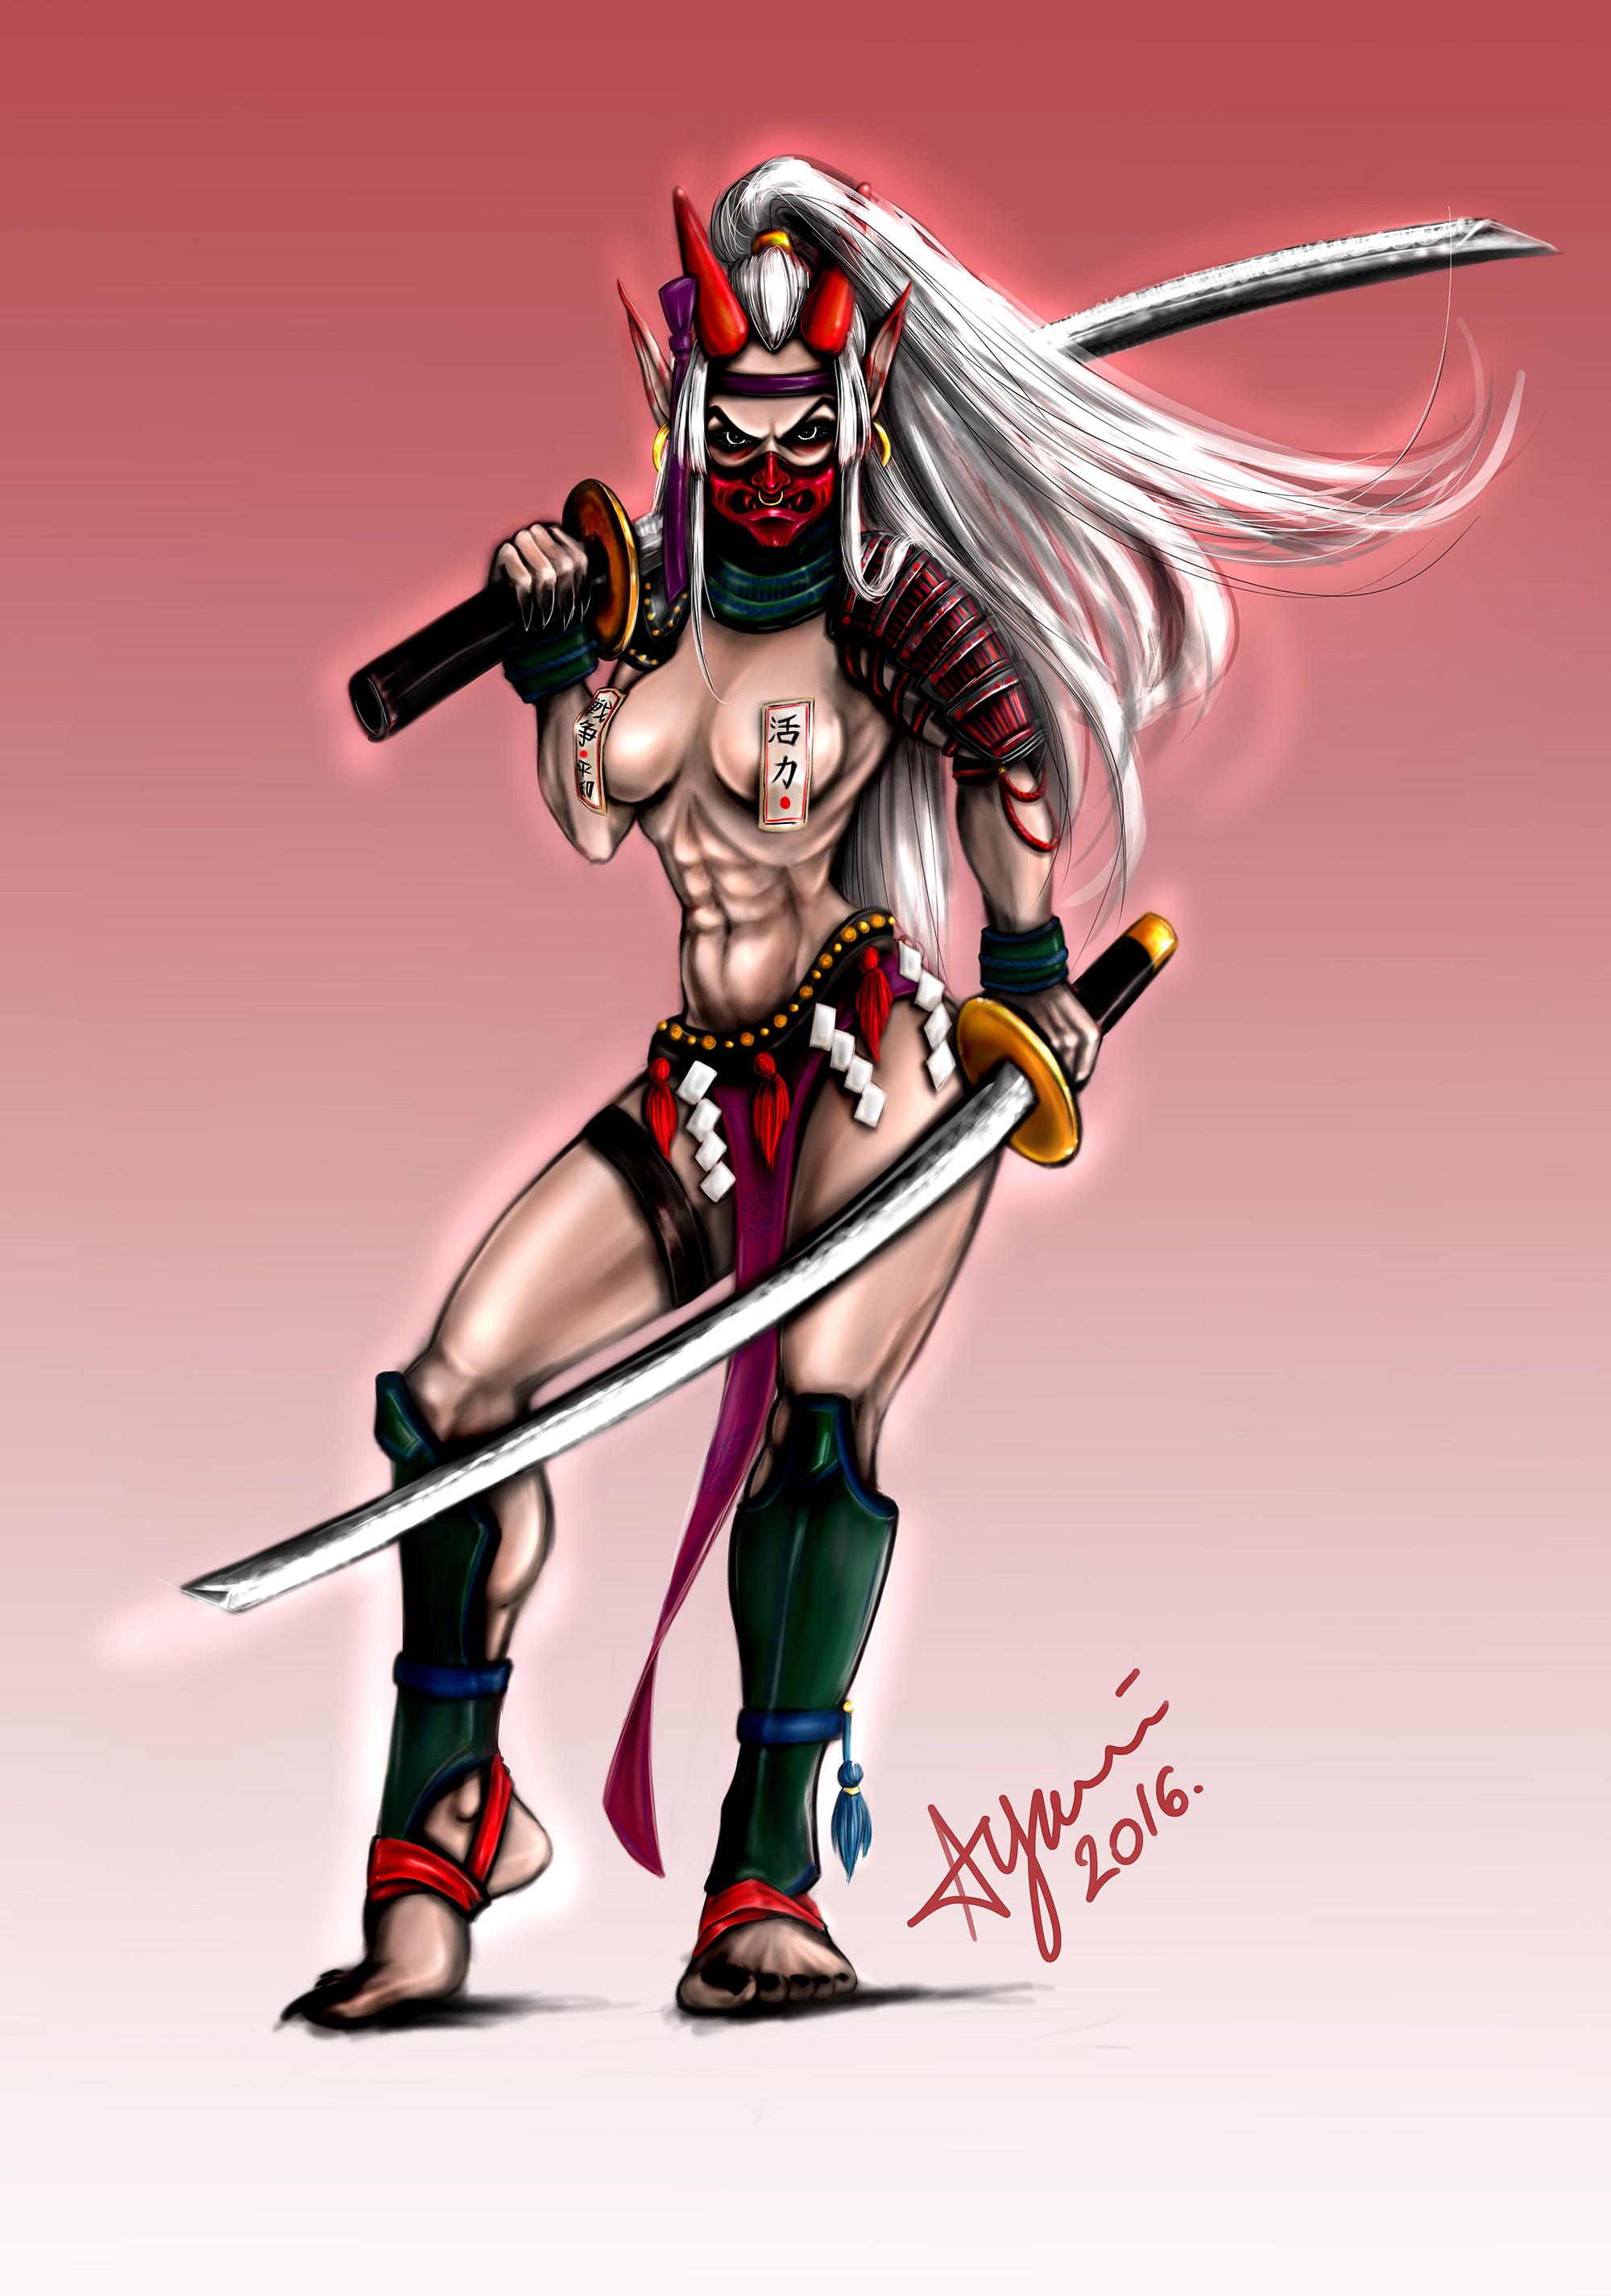 Lady Shutendouji